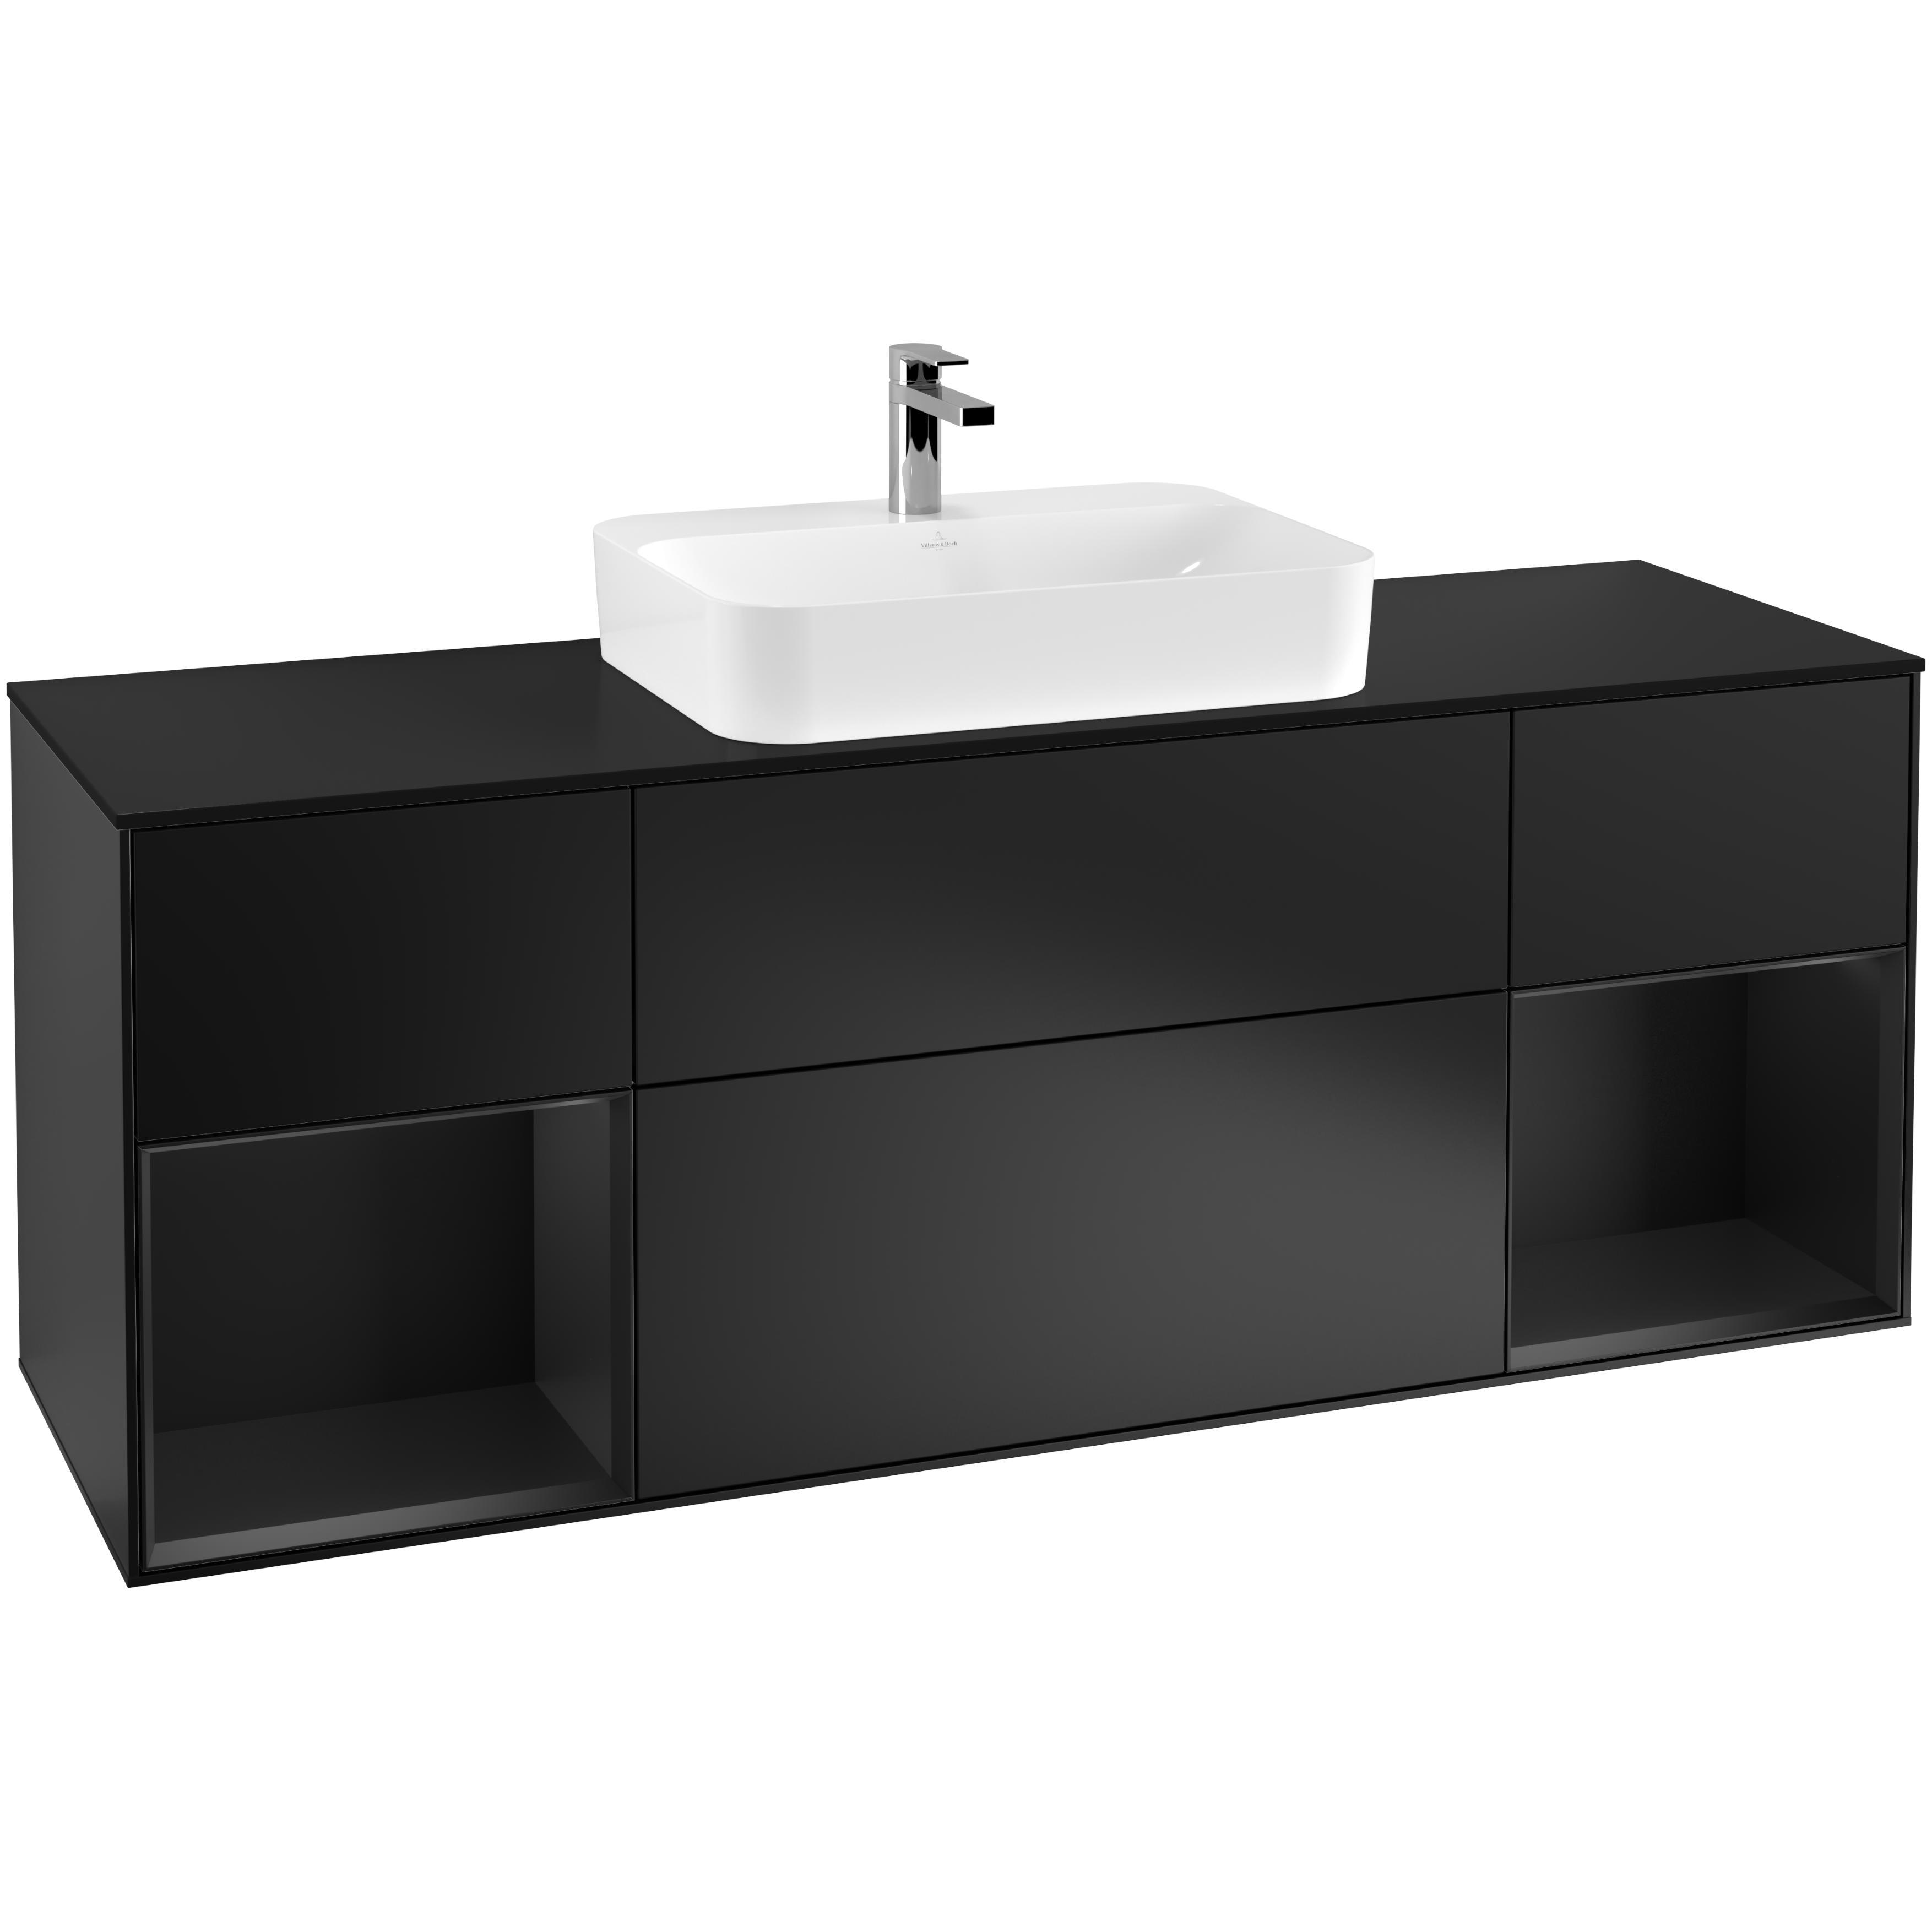 Tvättställsskåp Villeroy & Boch Finion med Två Hyllor och Bänkskiva för Ytmonterat Tvättställ